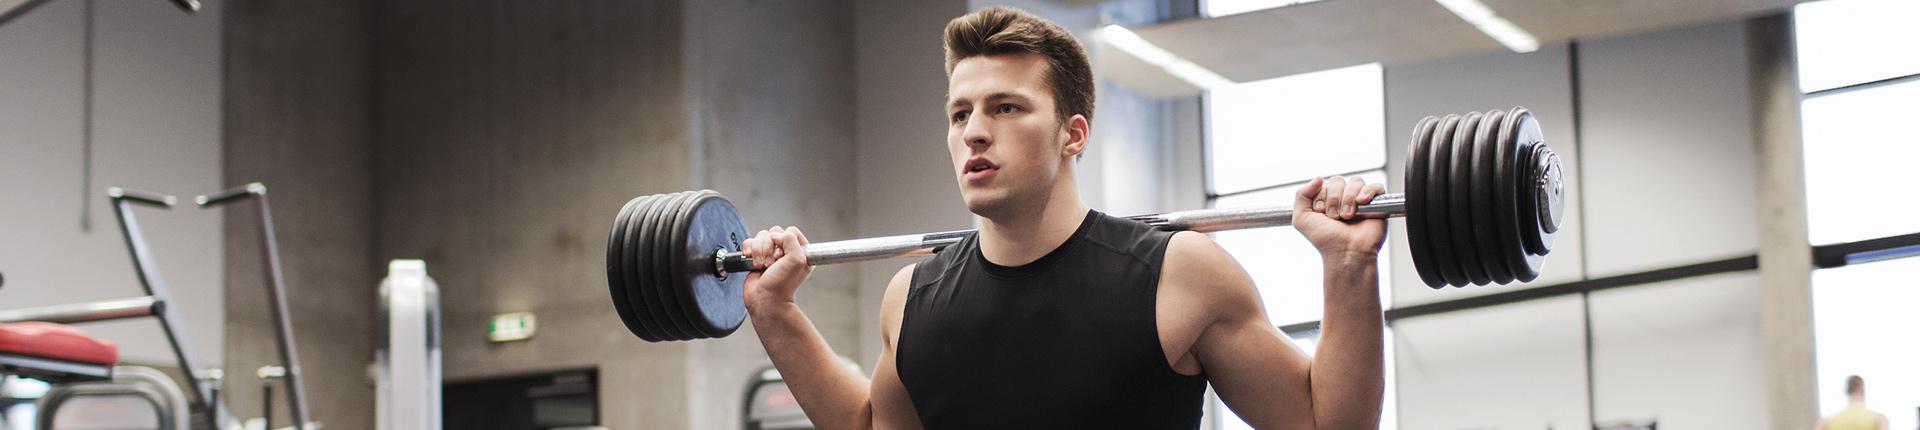 Poradnik dla osób rozpoczynających treningi na siłowni